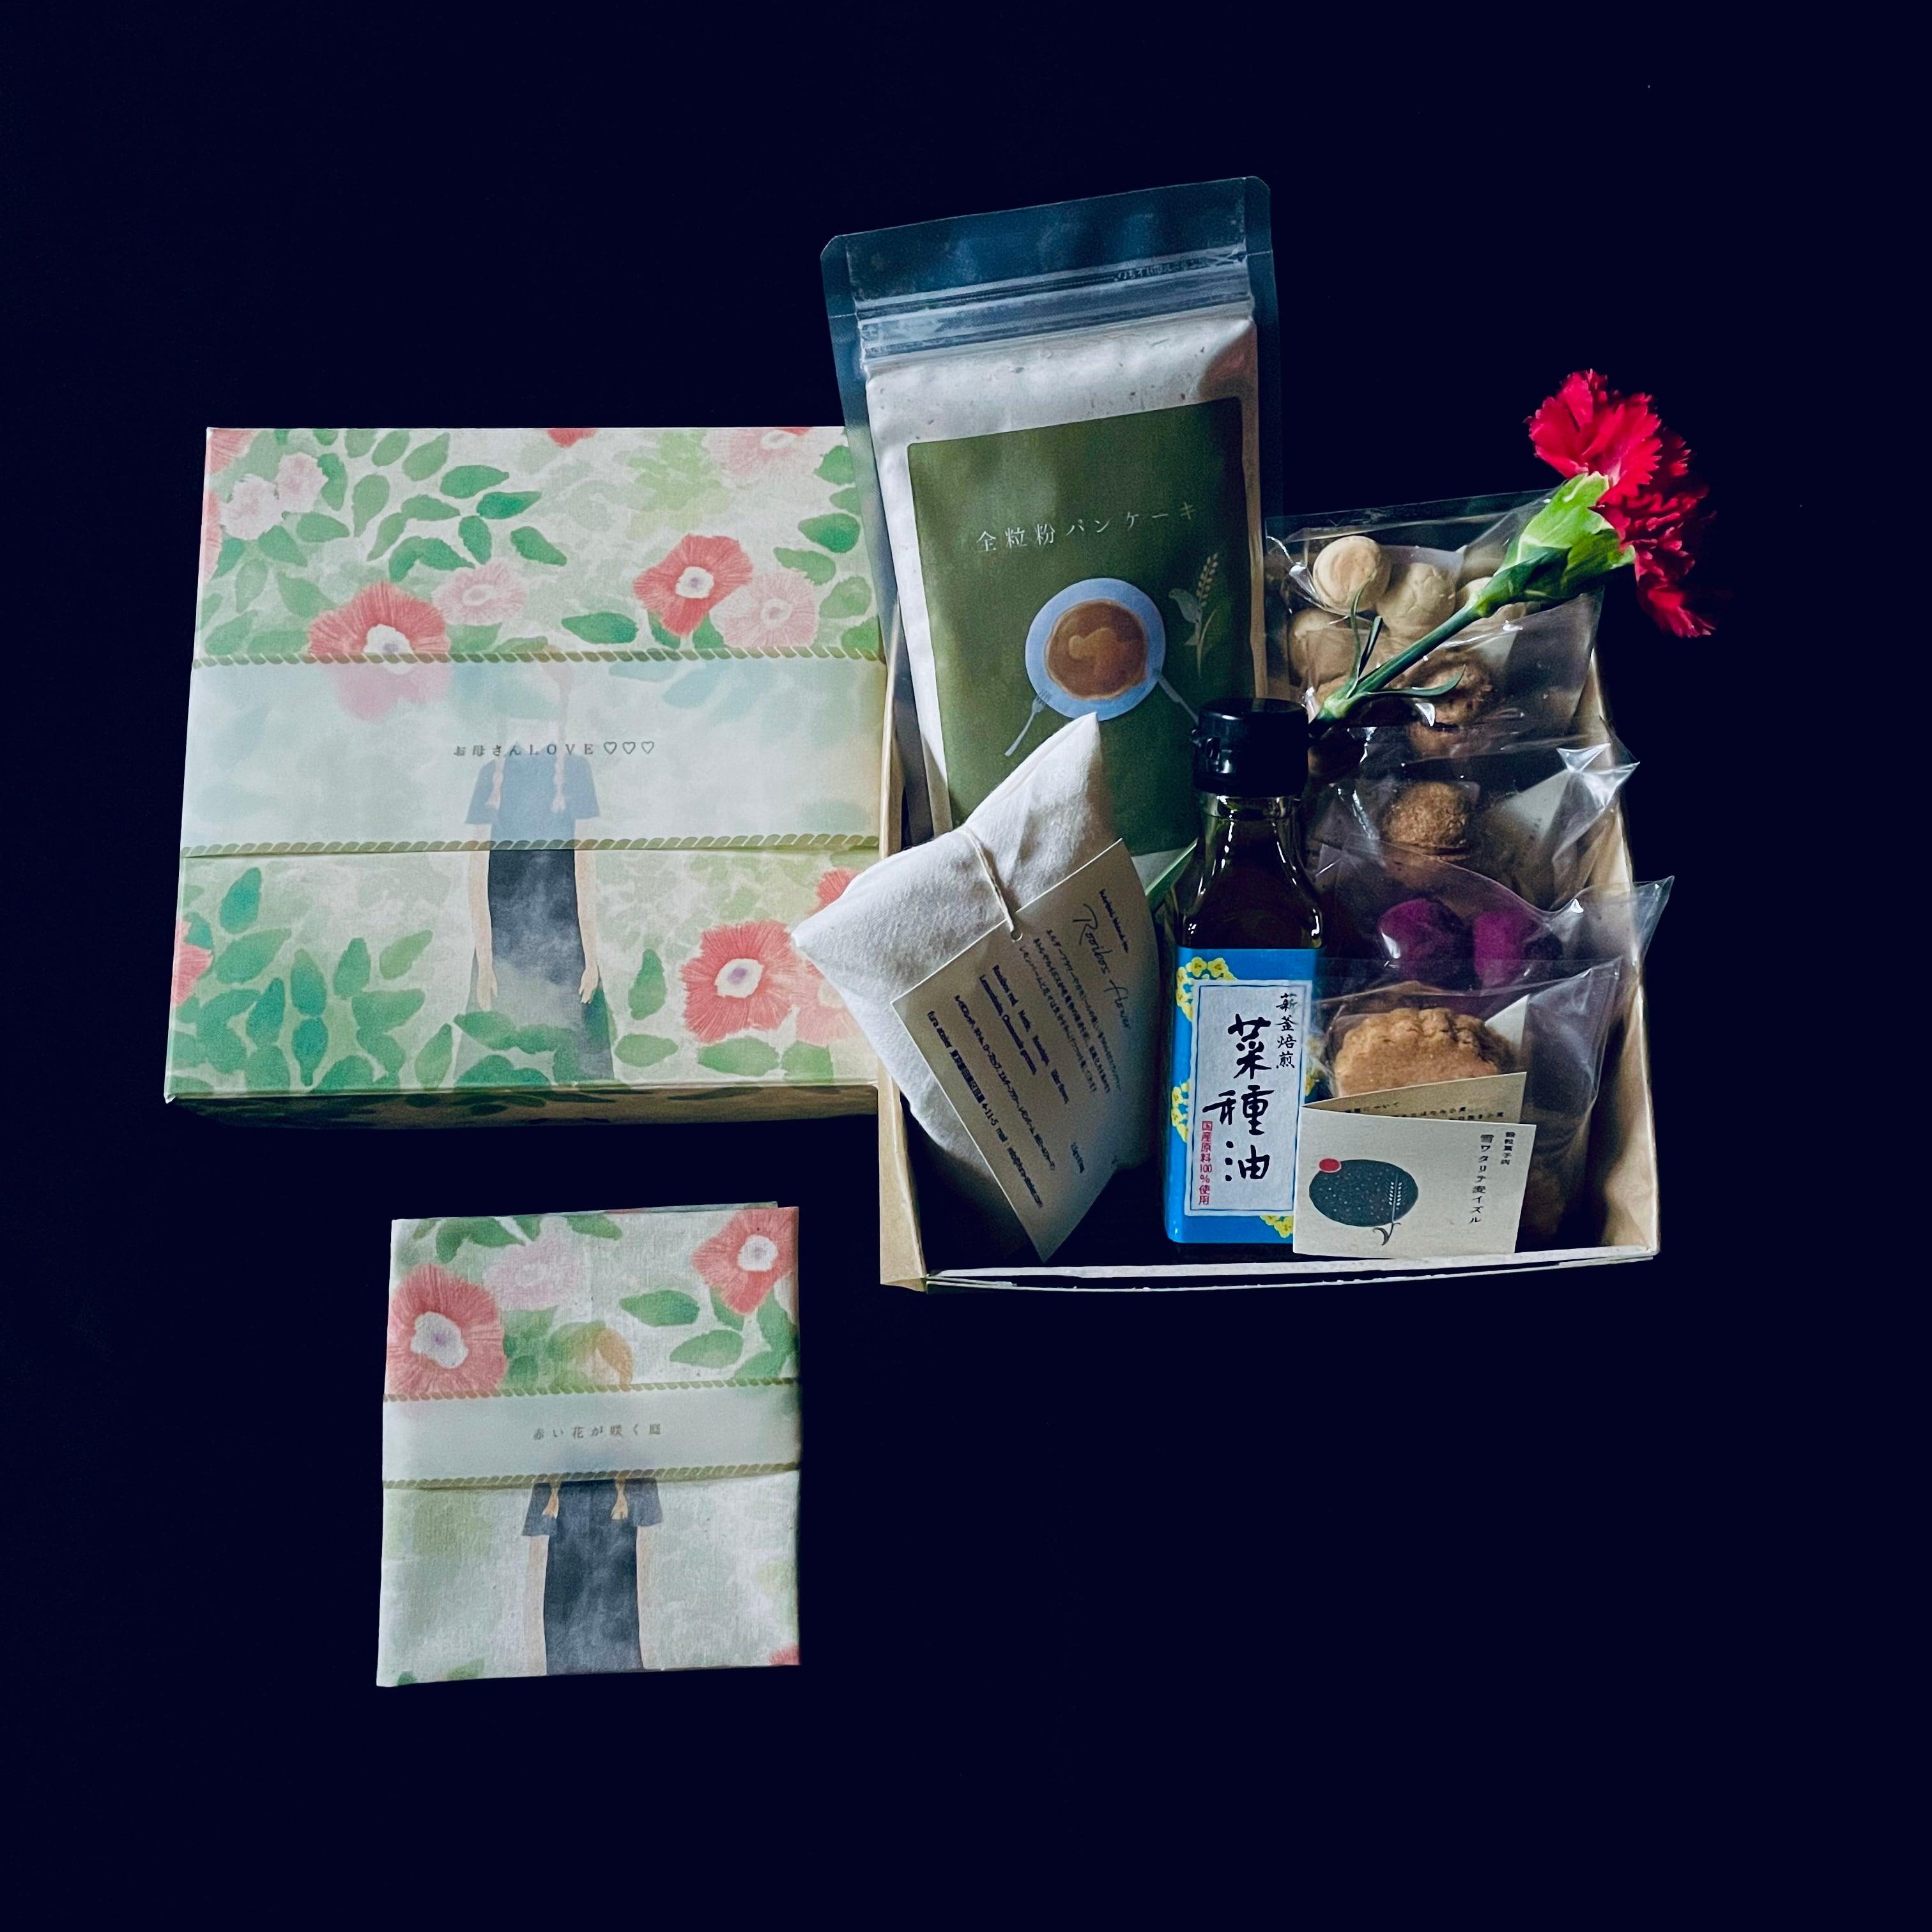 《母の日box》石臼挽き全粒粉パンケーキ&穀粒菓子